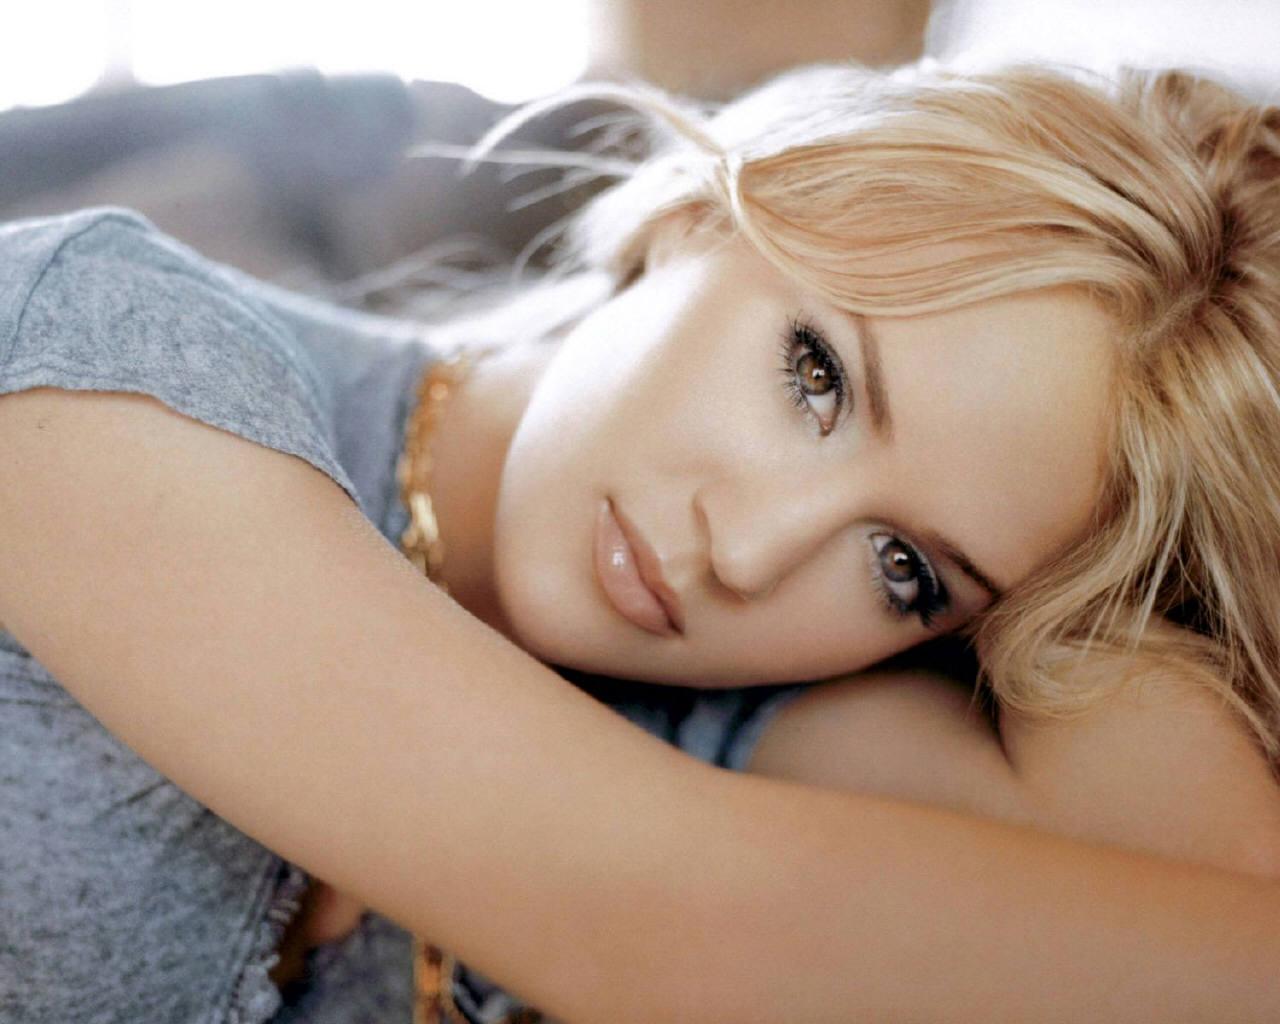 http://1.bp.blogspot.com/_Eo2BOsxHCJw/S9lv1TJcT0I/AAAAAAAAA6w/P0qoZQvezNQ/s1600/Carrie_Underwood.jpg